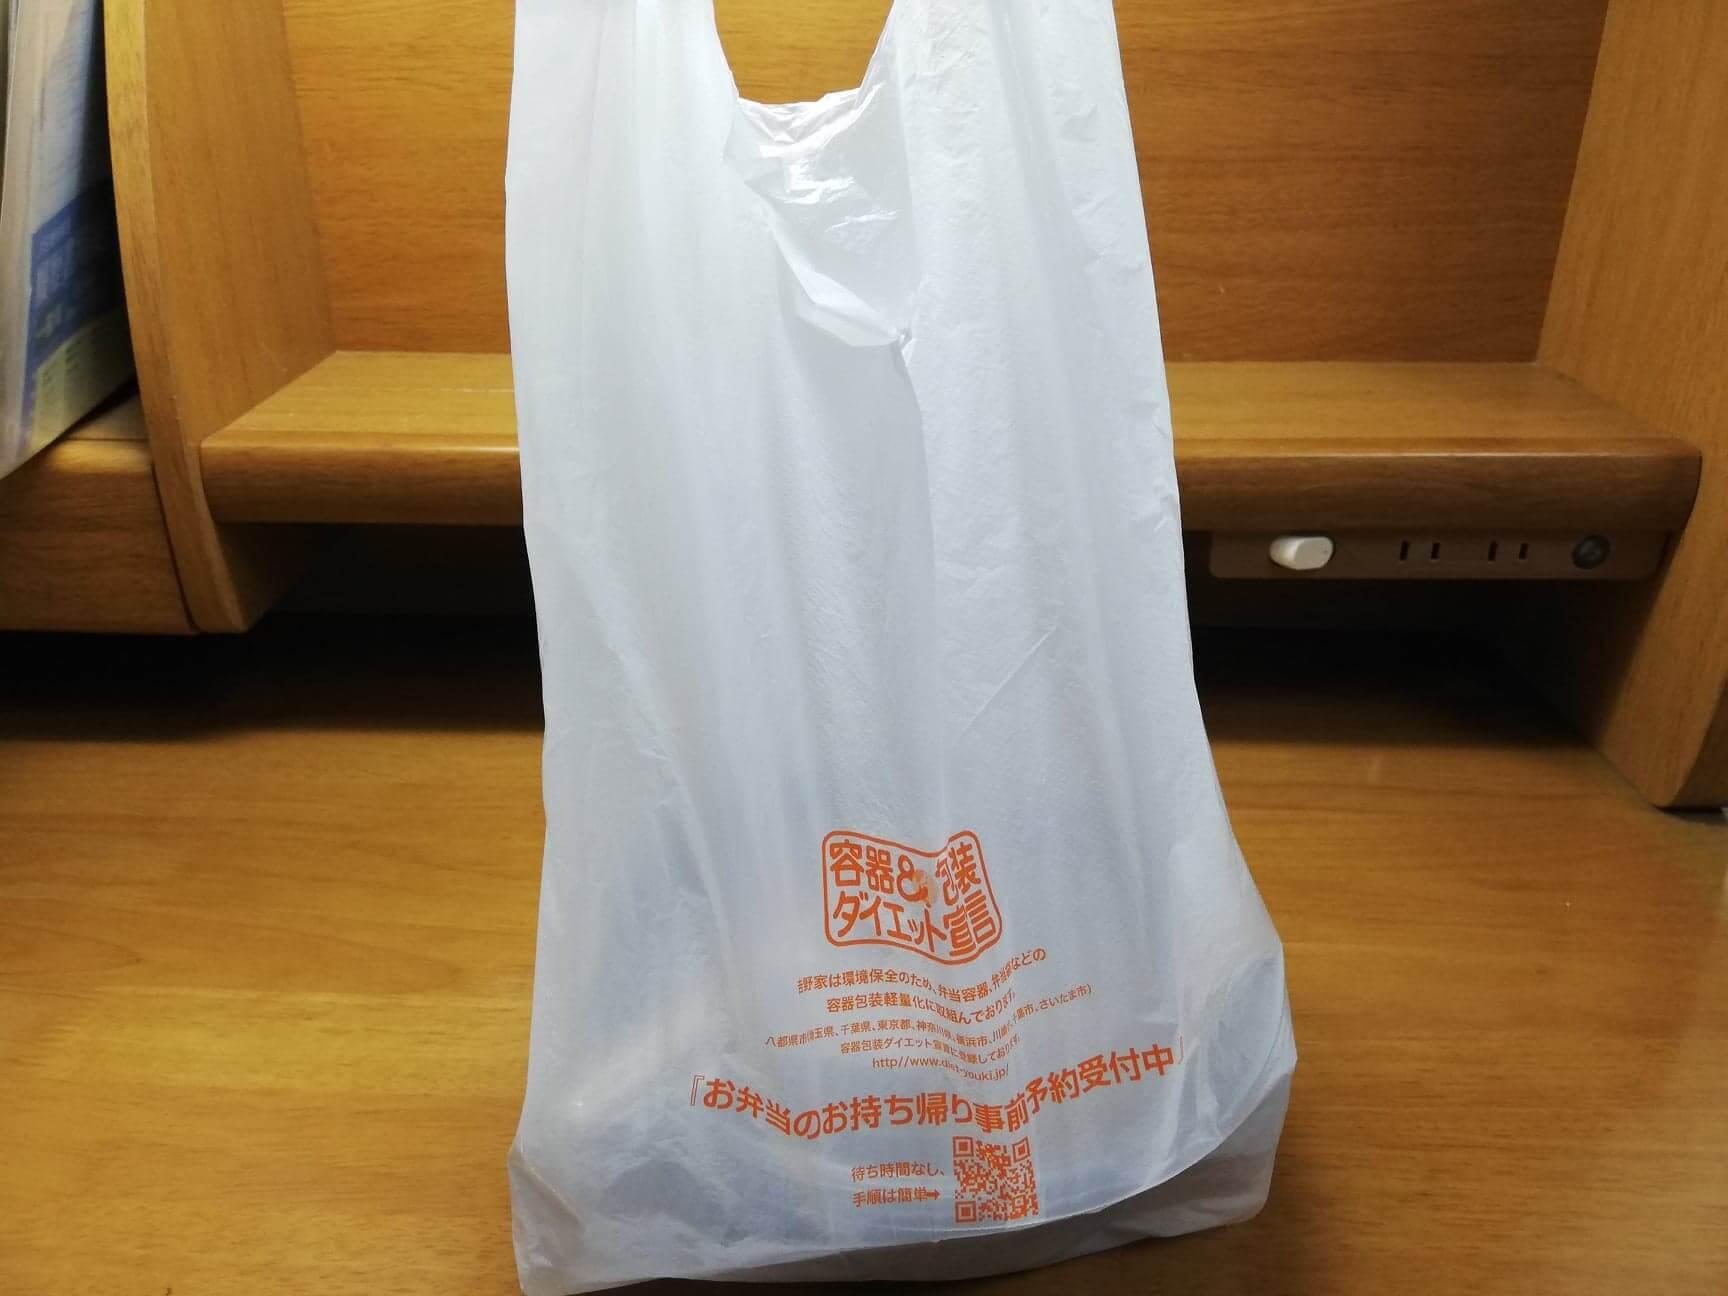 吉野家の『スタミナ超特盛丼』が入っている袋の写真